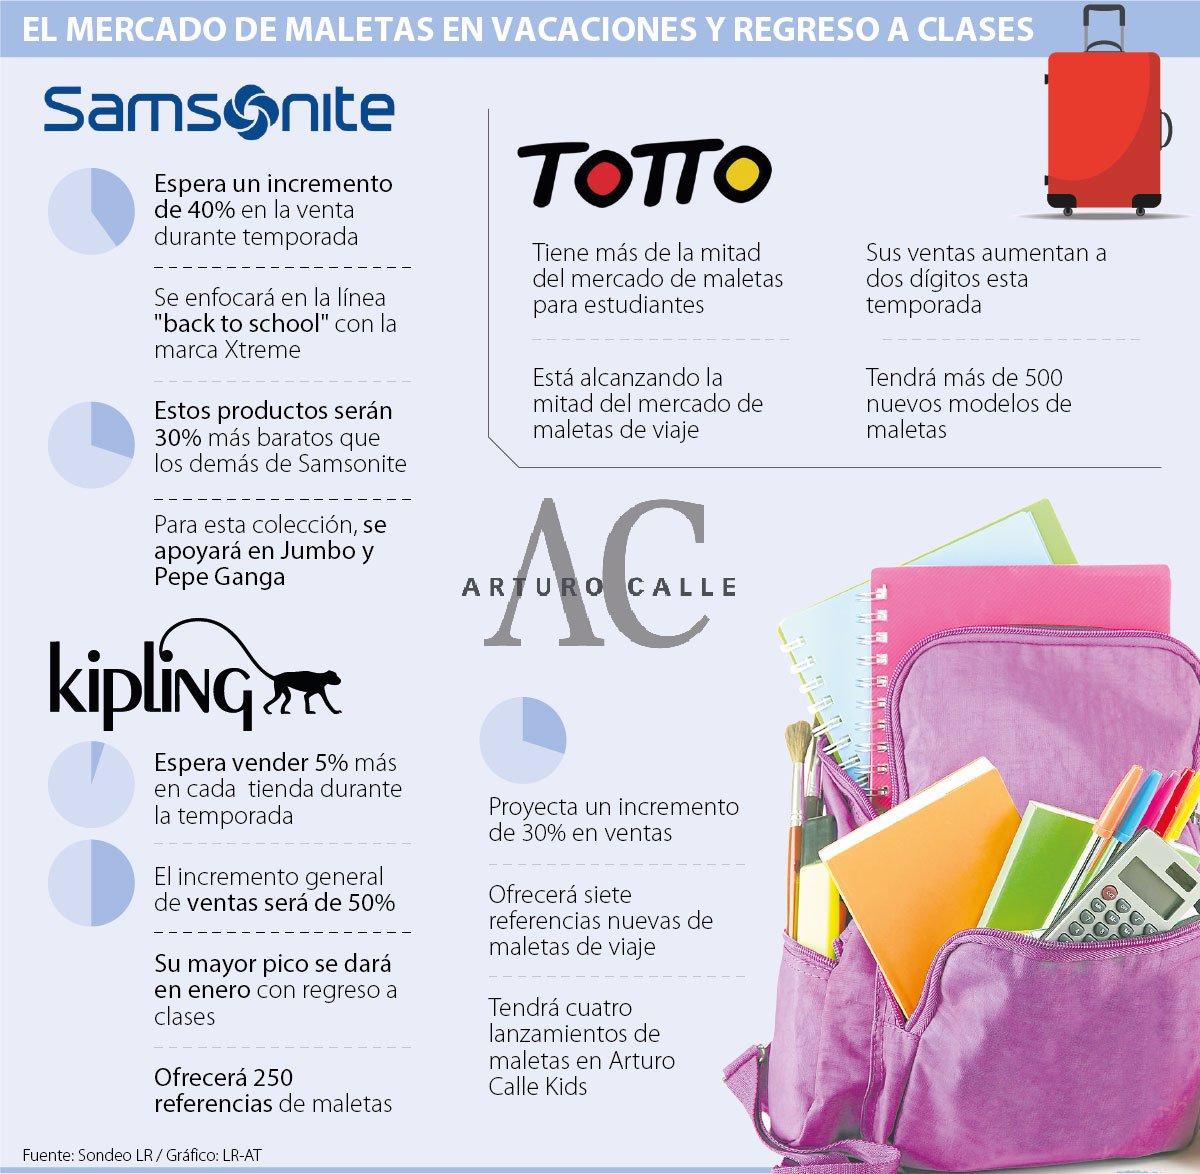 ef9e6ad0da1 Regreso a clases y Navidad aumentan 40% las ventas de maletas Samsonite